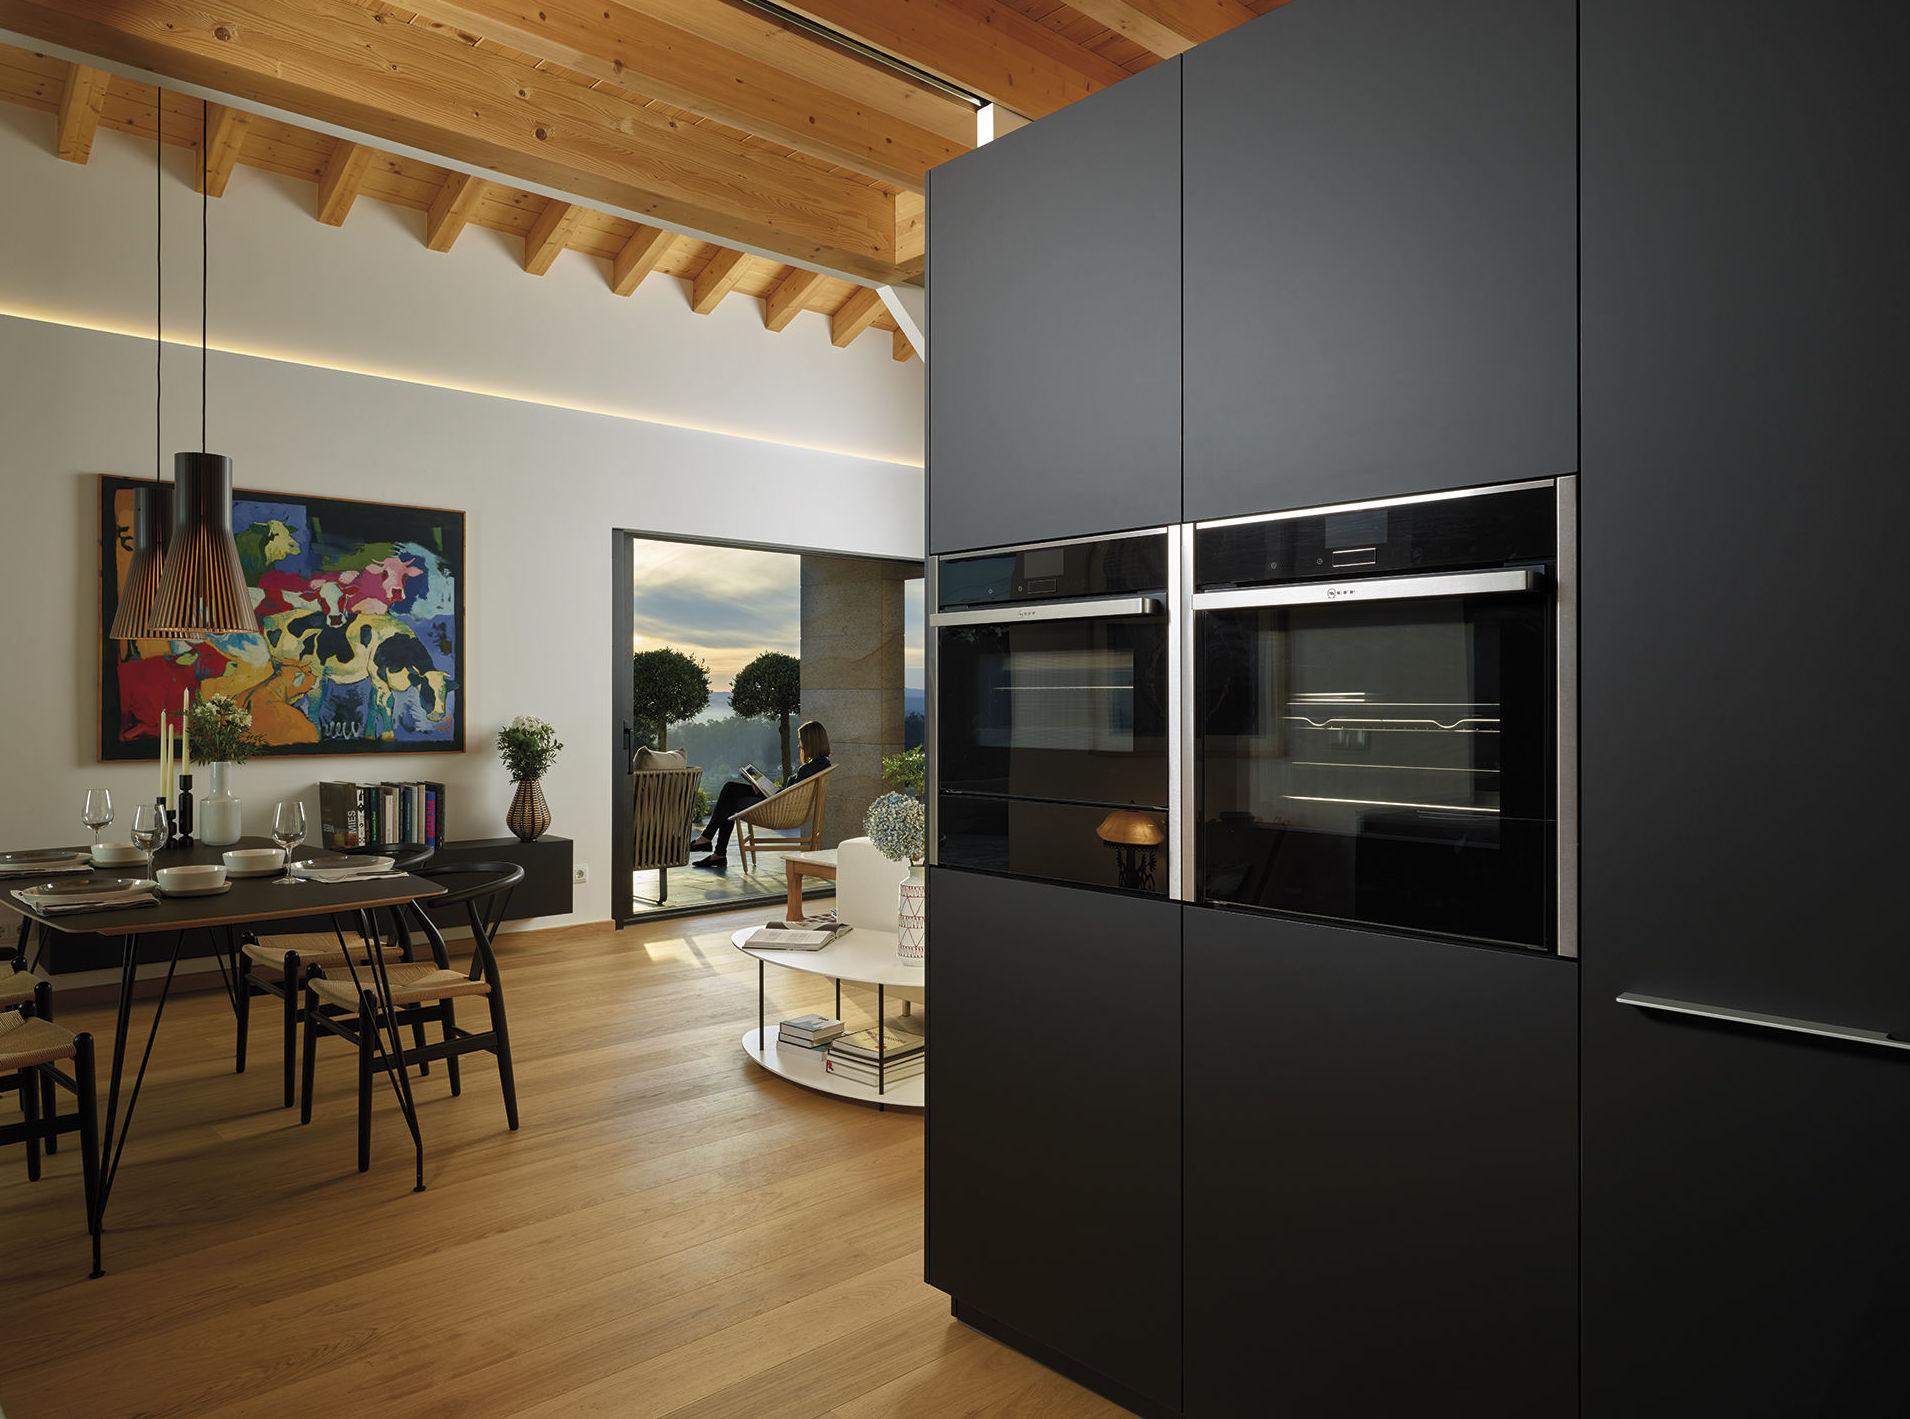 Accesorios de calidad, estéticos y funcionales para cocinas.